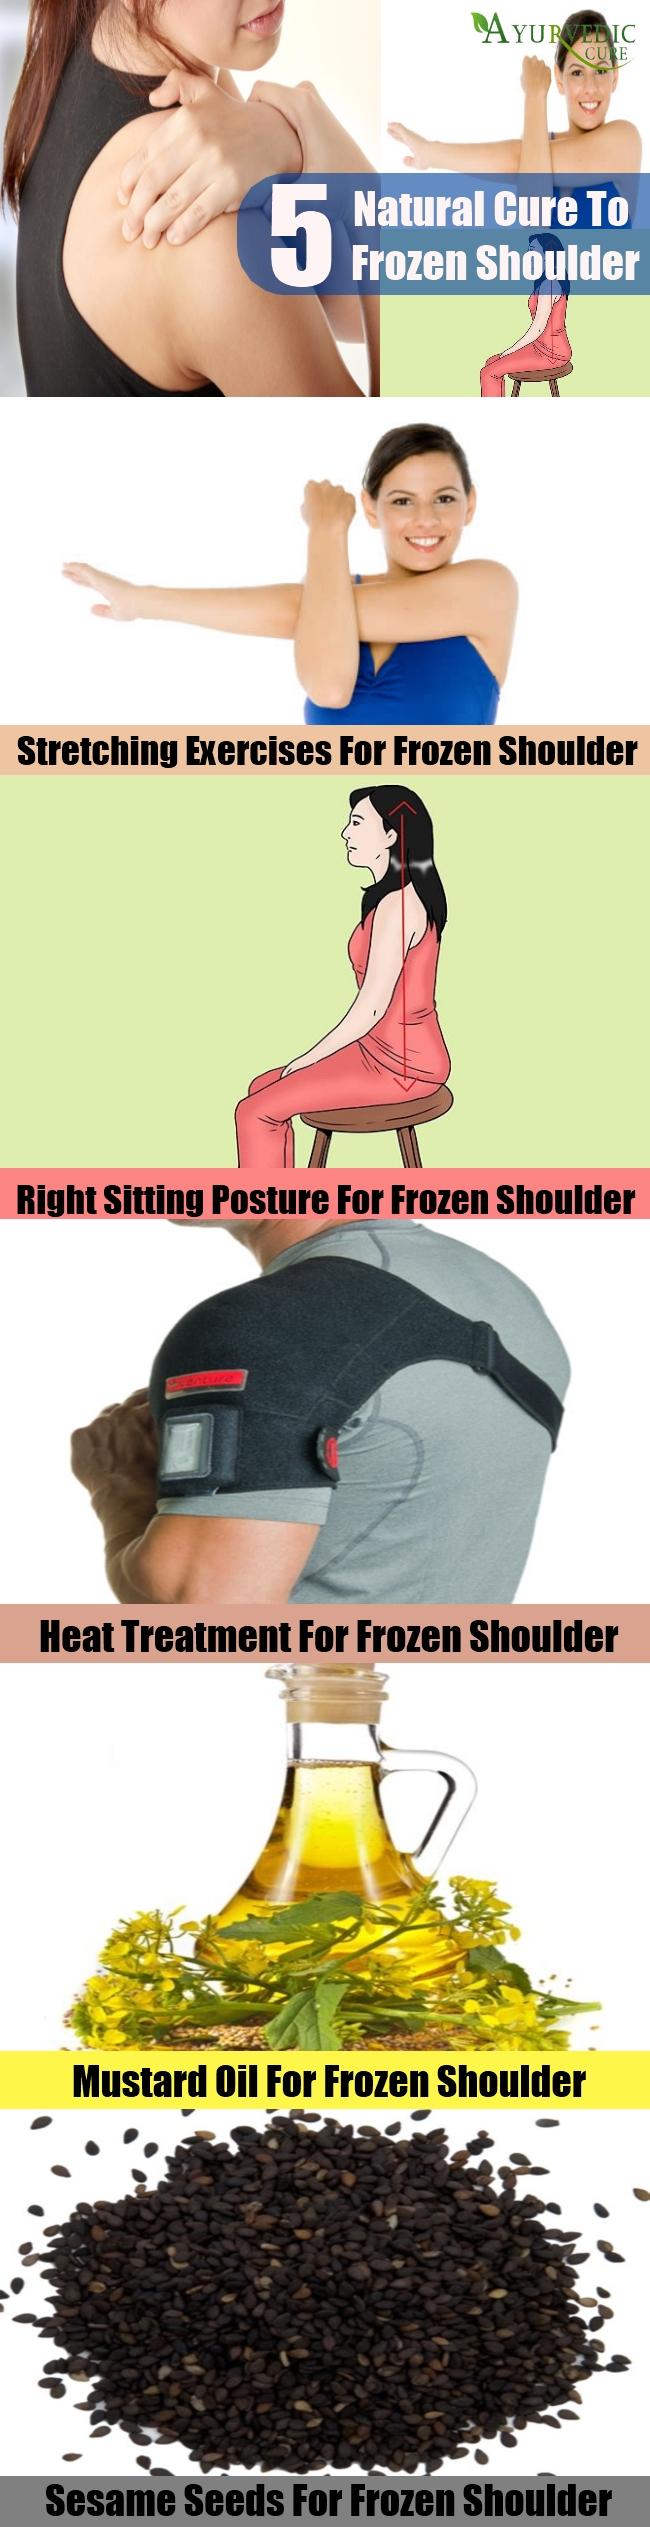 Top 5 Natural Cures For Frozen Shoulder